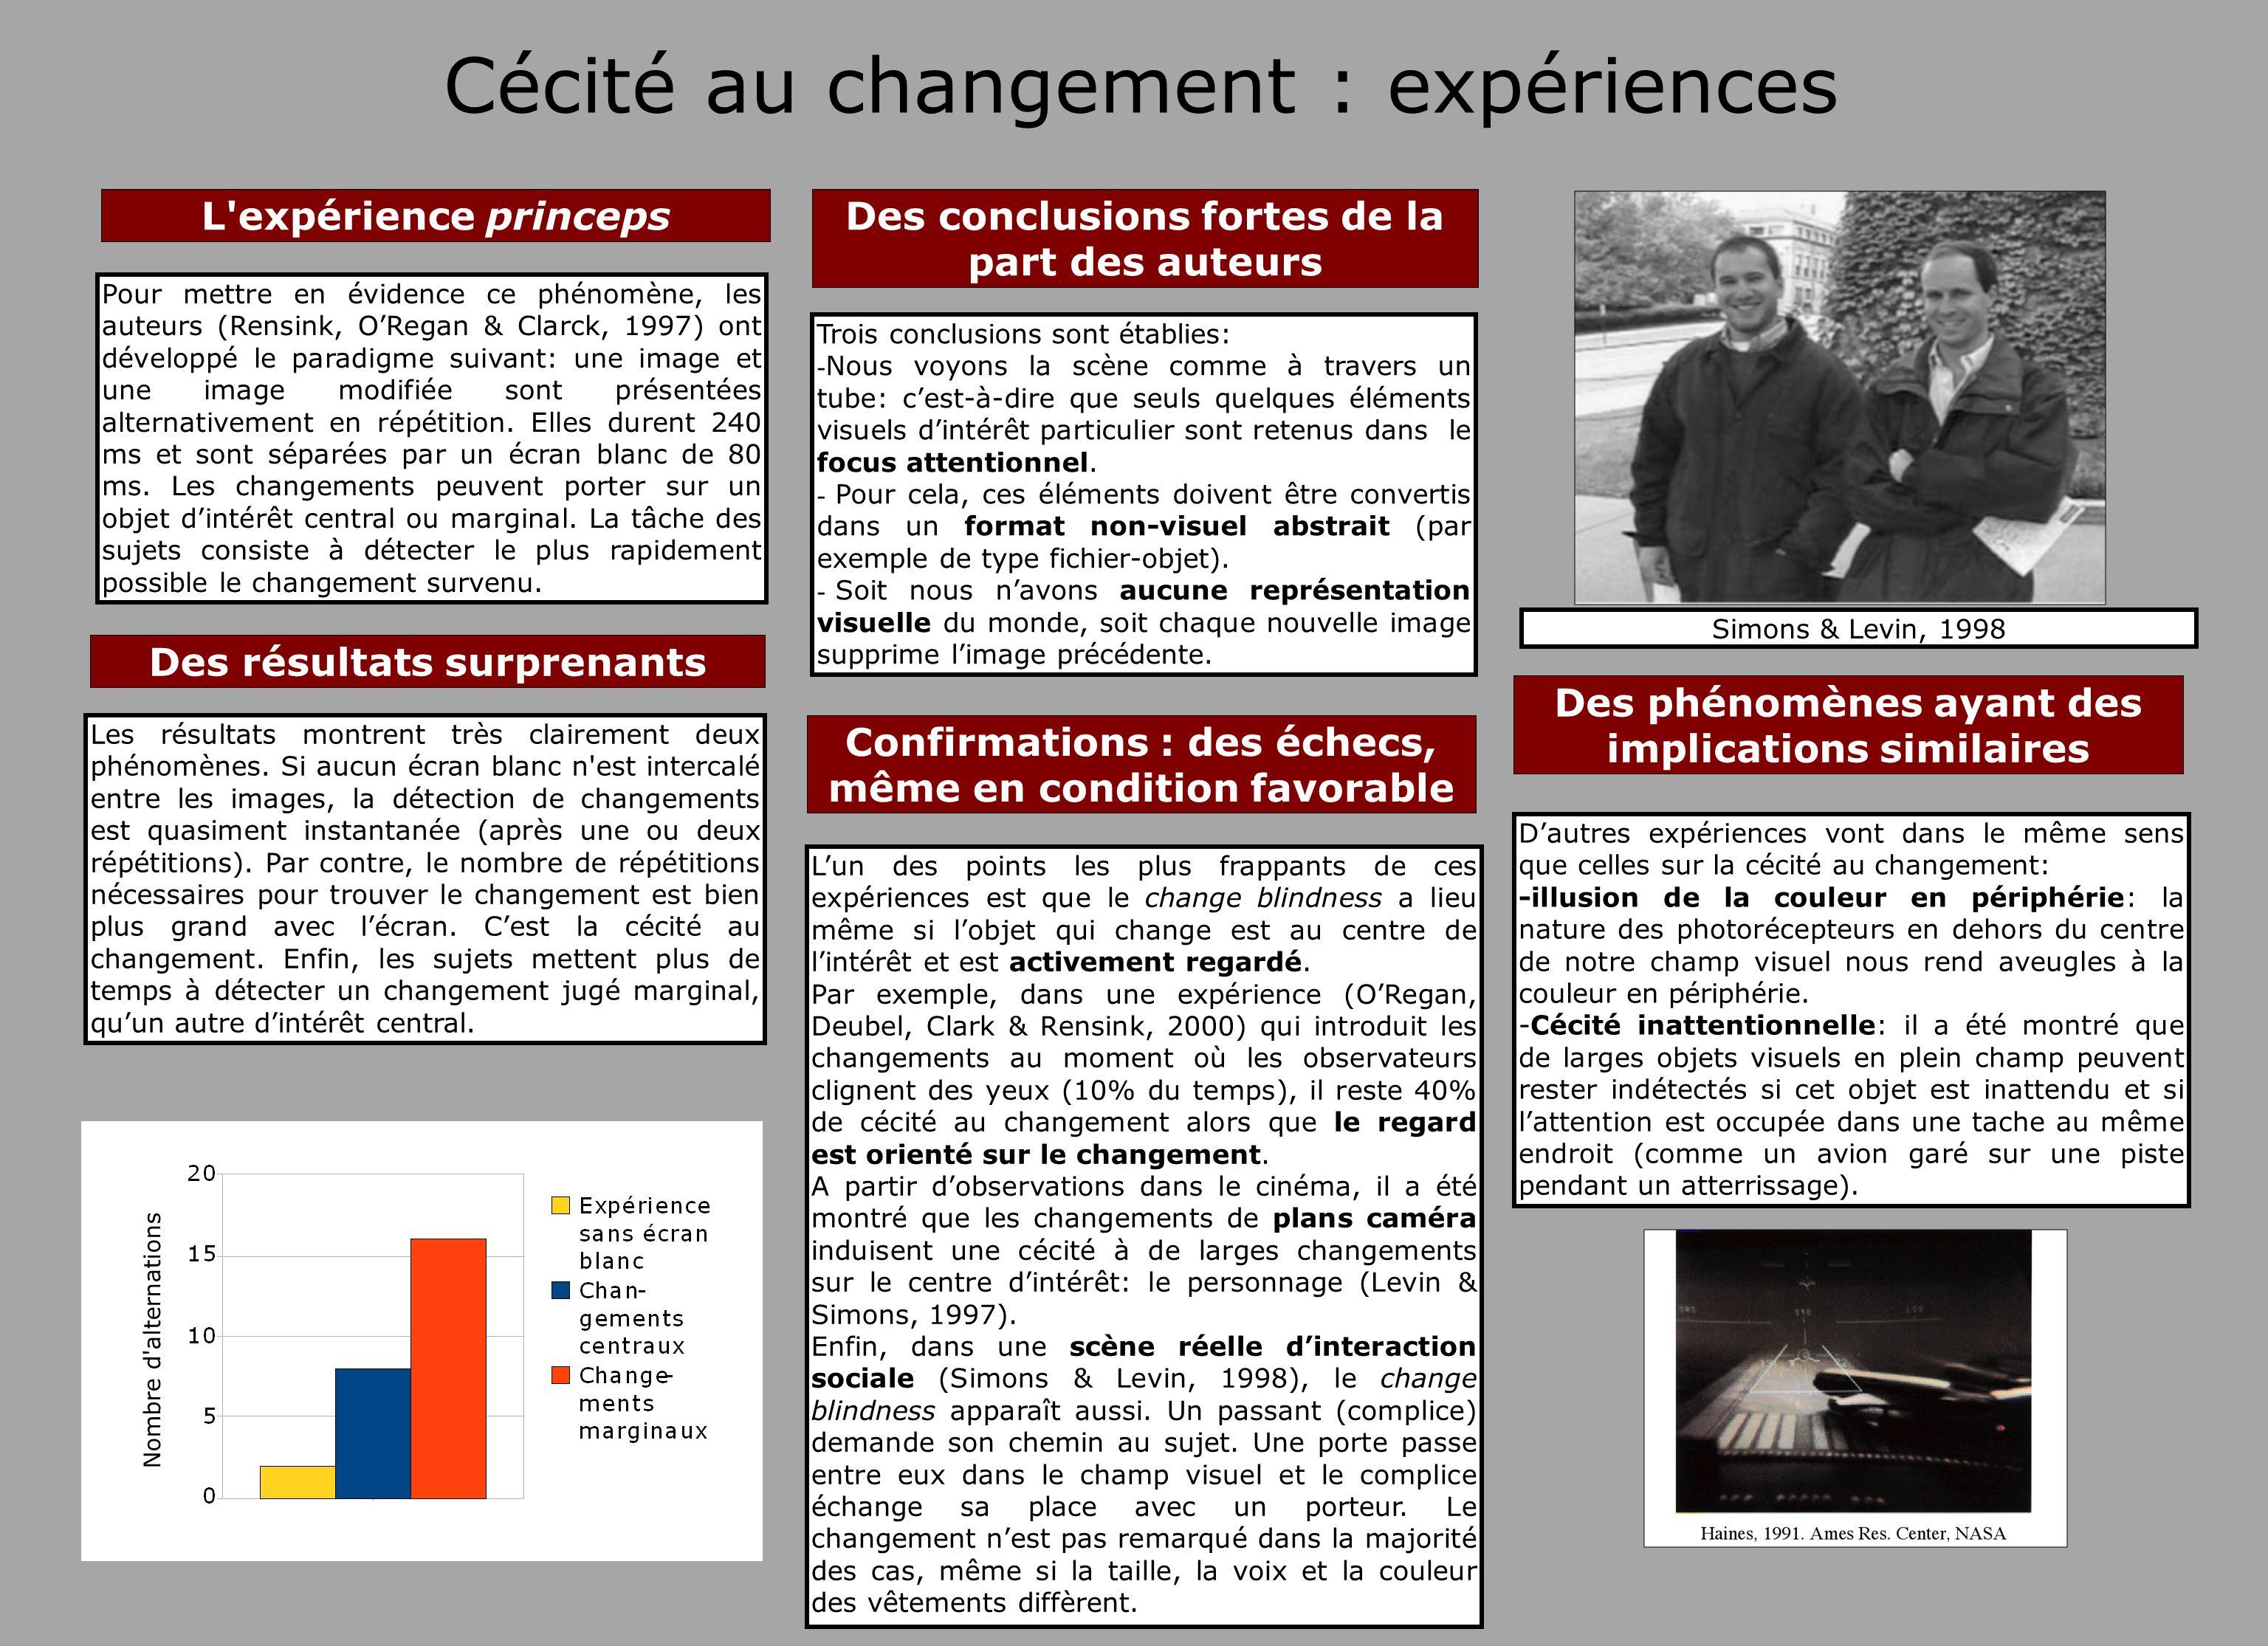 Cécité au changement : expériences